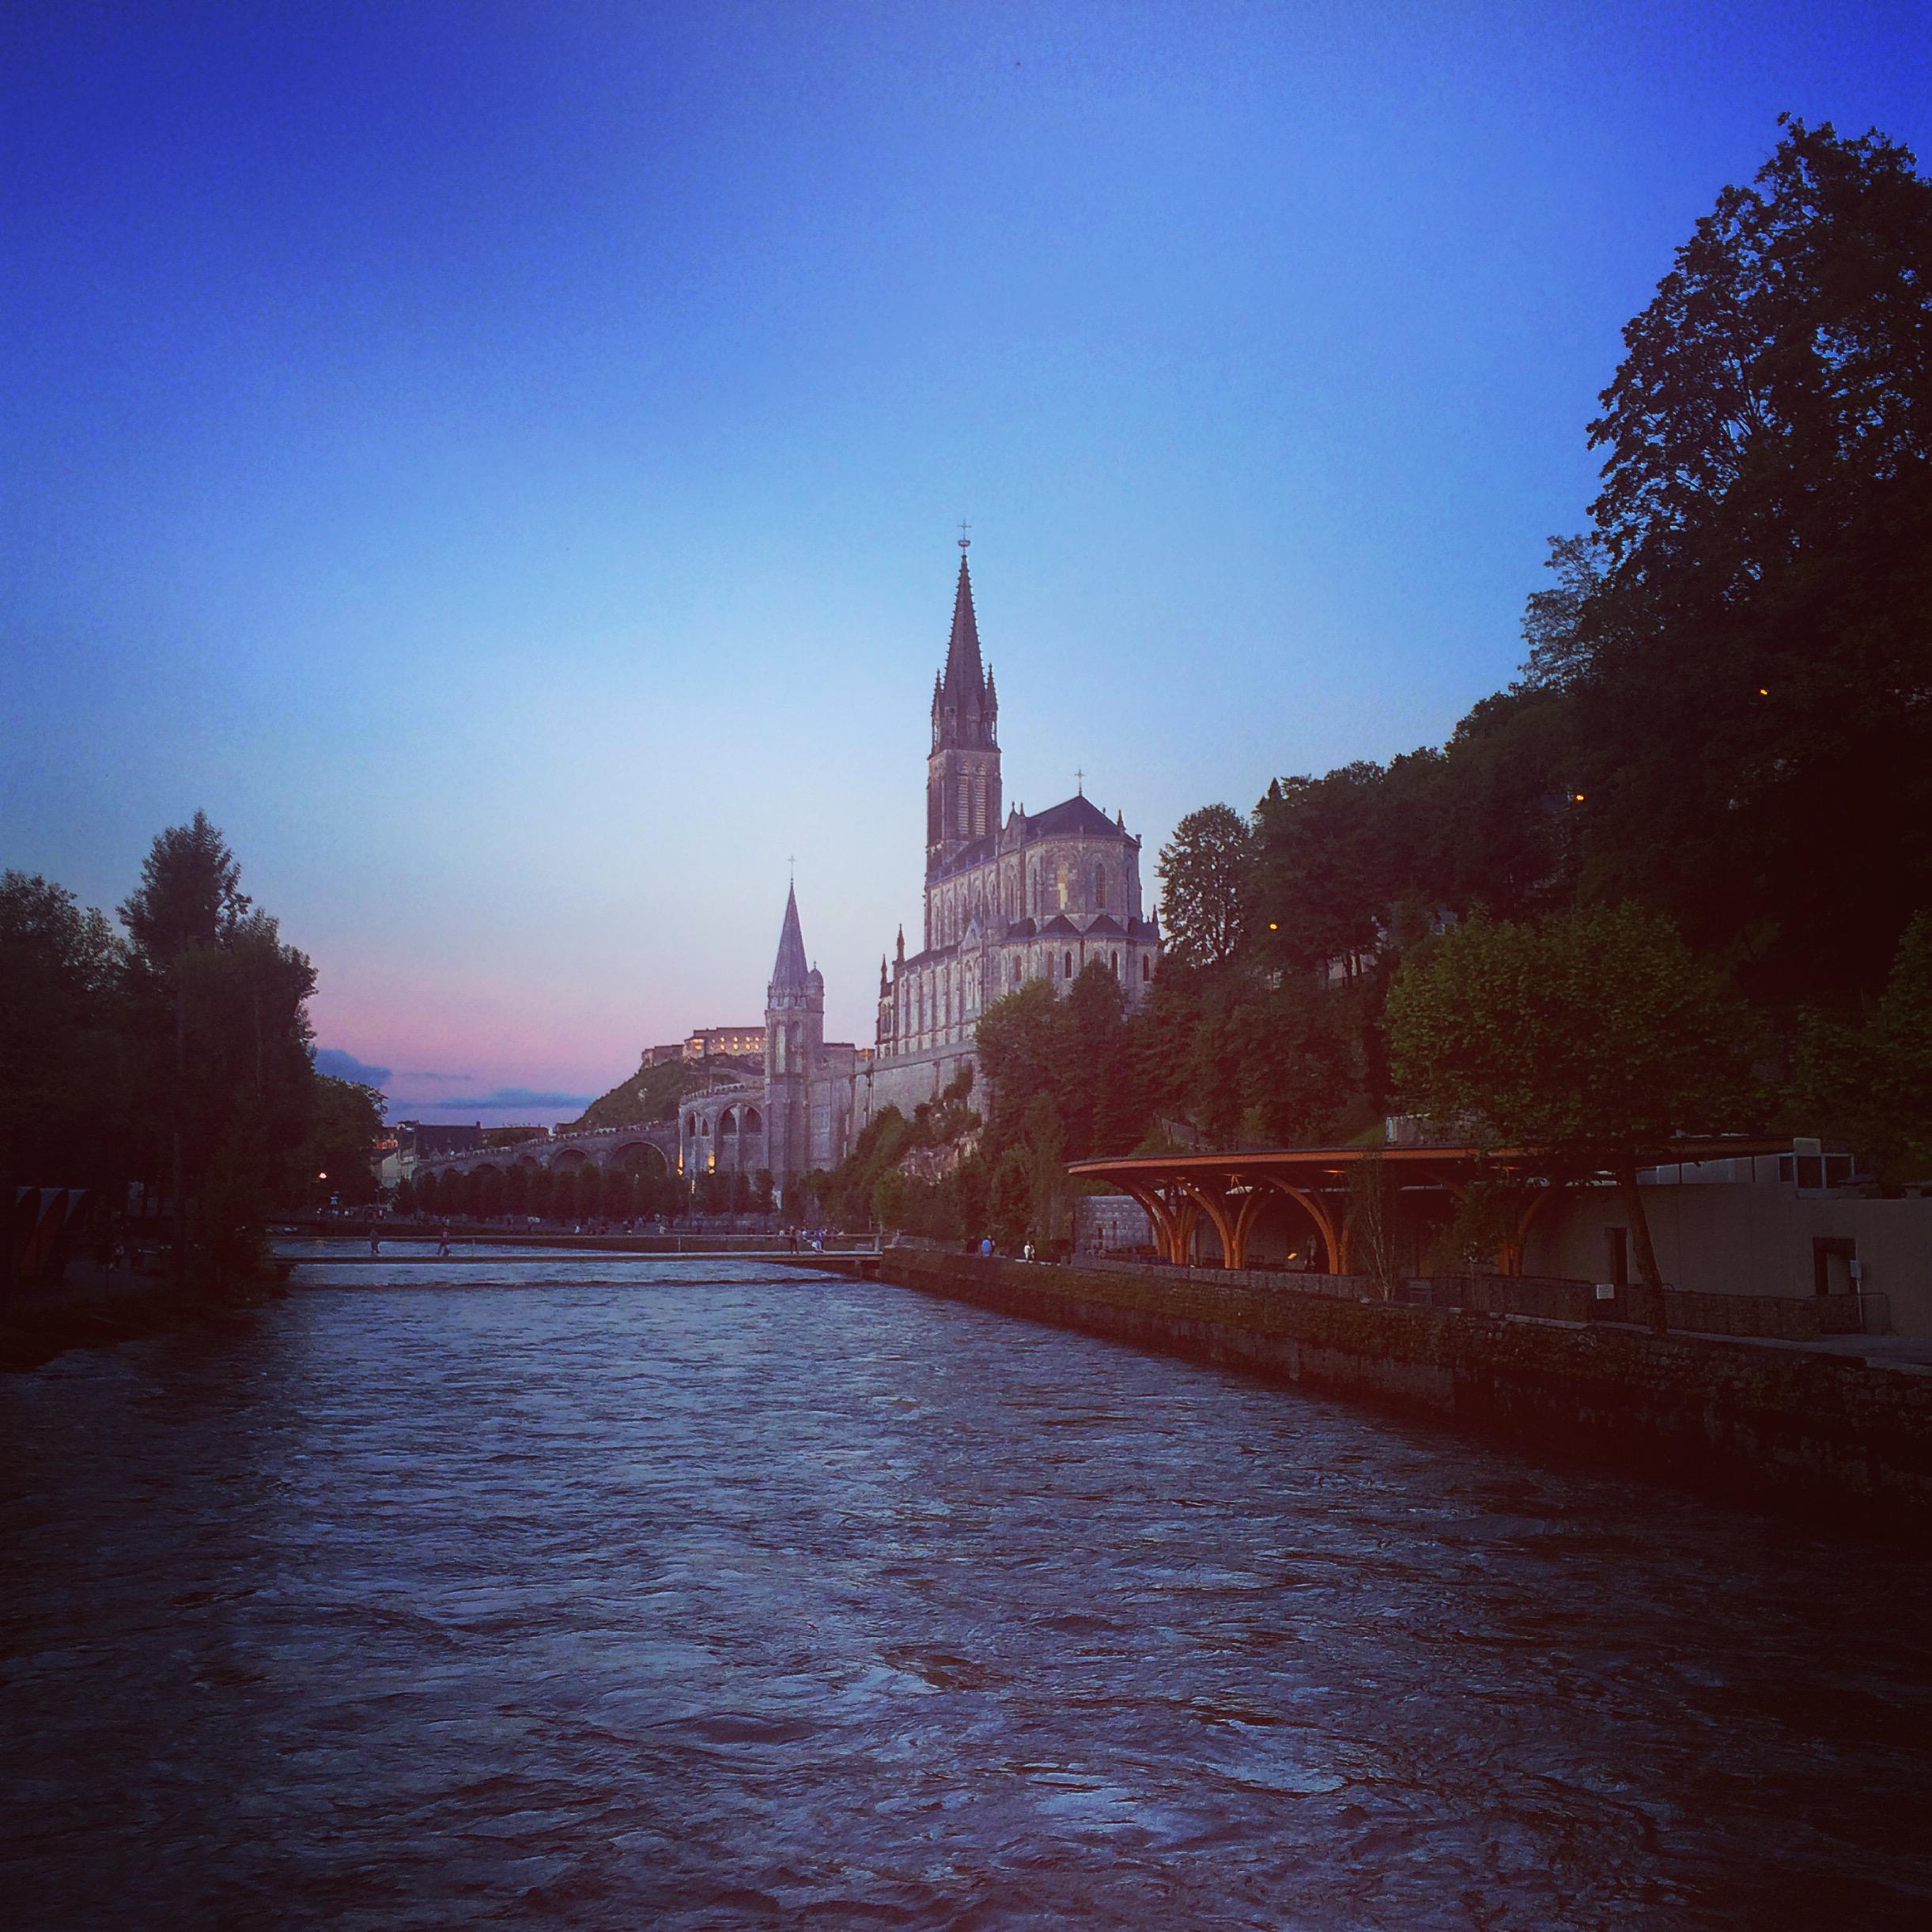 Quel viaggio che si chiama pellegrinaggio: la mia esperienza a Lourdes